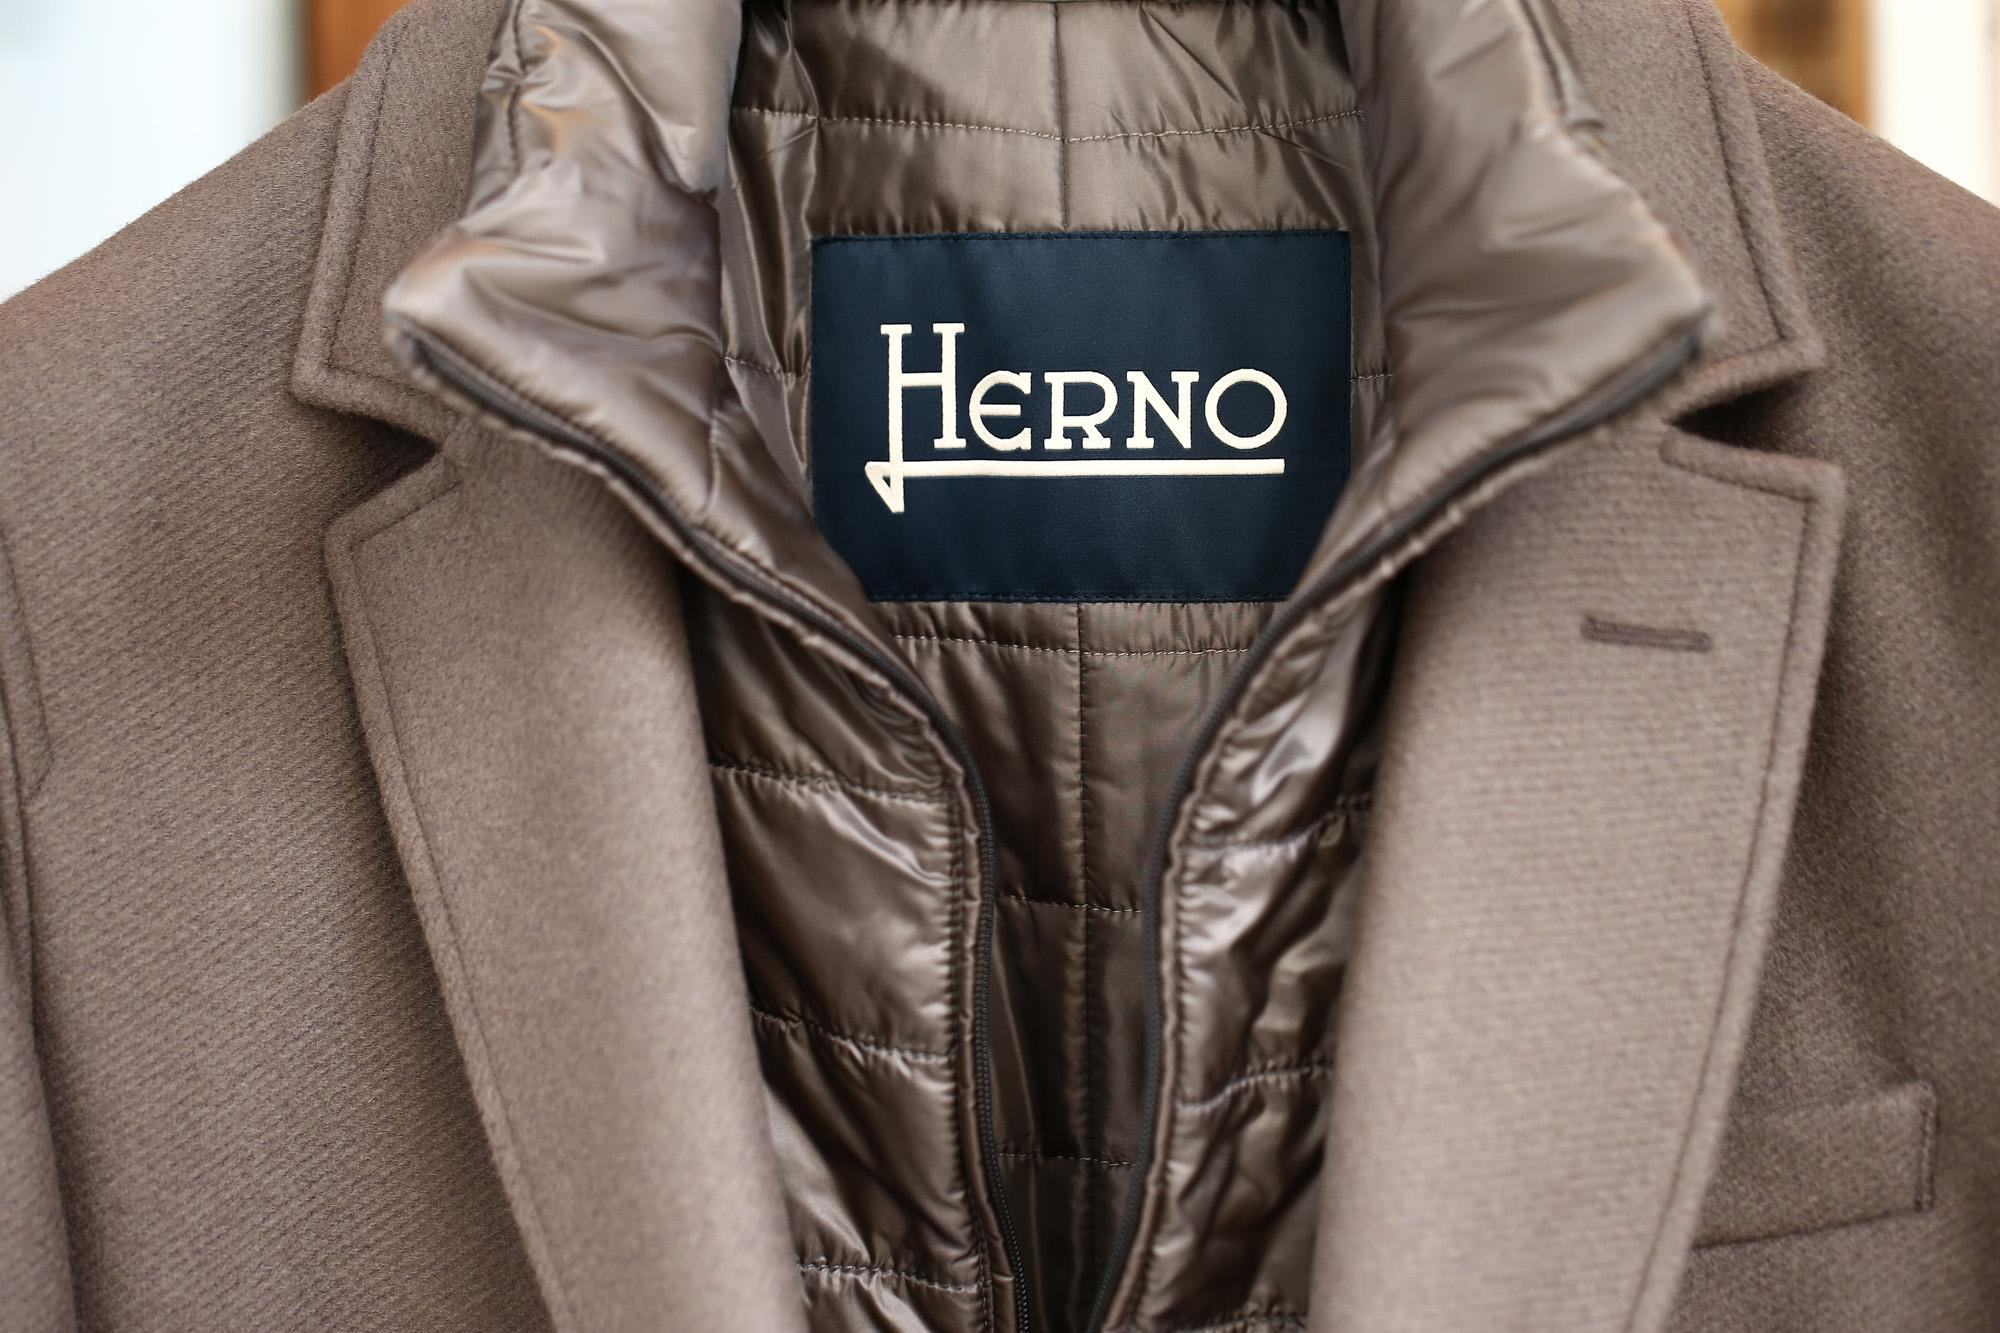 HERNO(ヘルノ) CA0045U Chester coat チェスターコート LANA DIAGONALE NYLON ULTRALIGHT 中綿入り ウールチェスターコート LIGHT BROWN (ライトブラウン・2700) Made in italy (イタリア製) 2017 秋冬新作 愛知 名古屋 Alto e Diritto アルト エ デリット herno ヘルノ ダウンコート ビジネススタイル